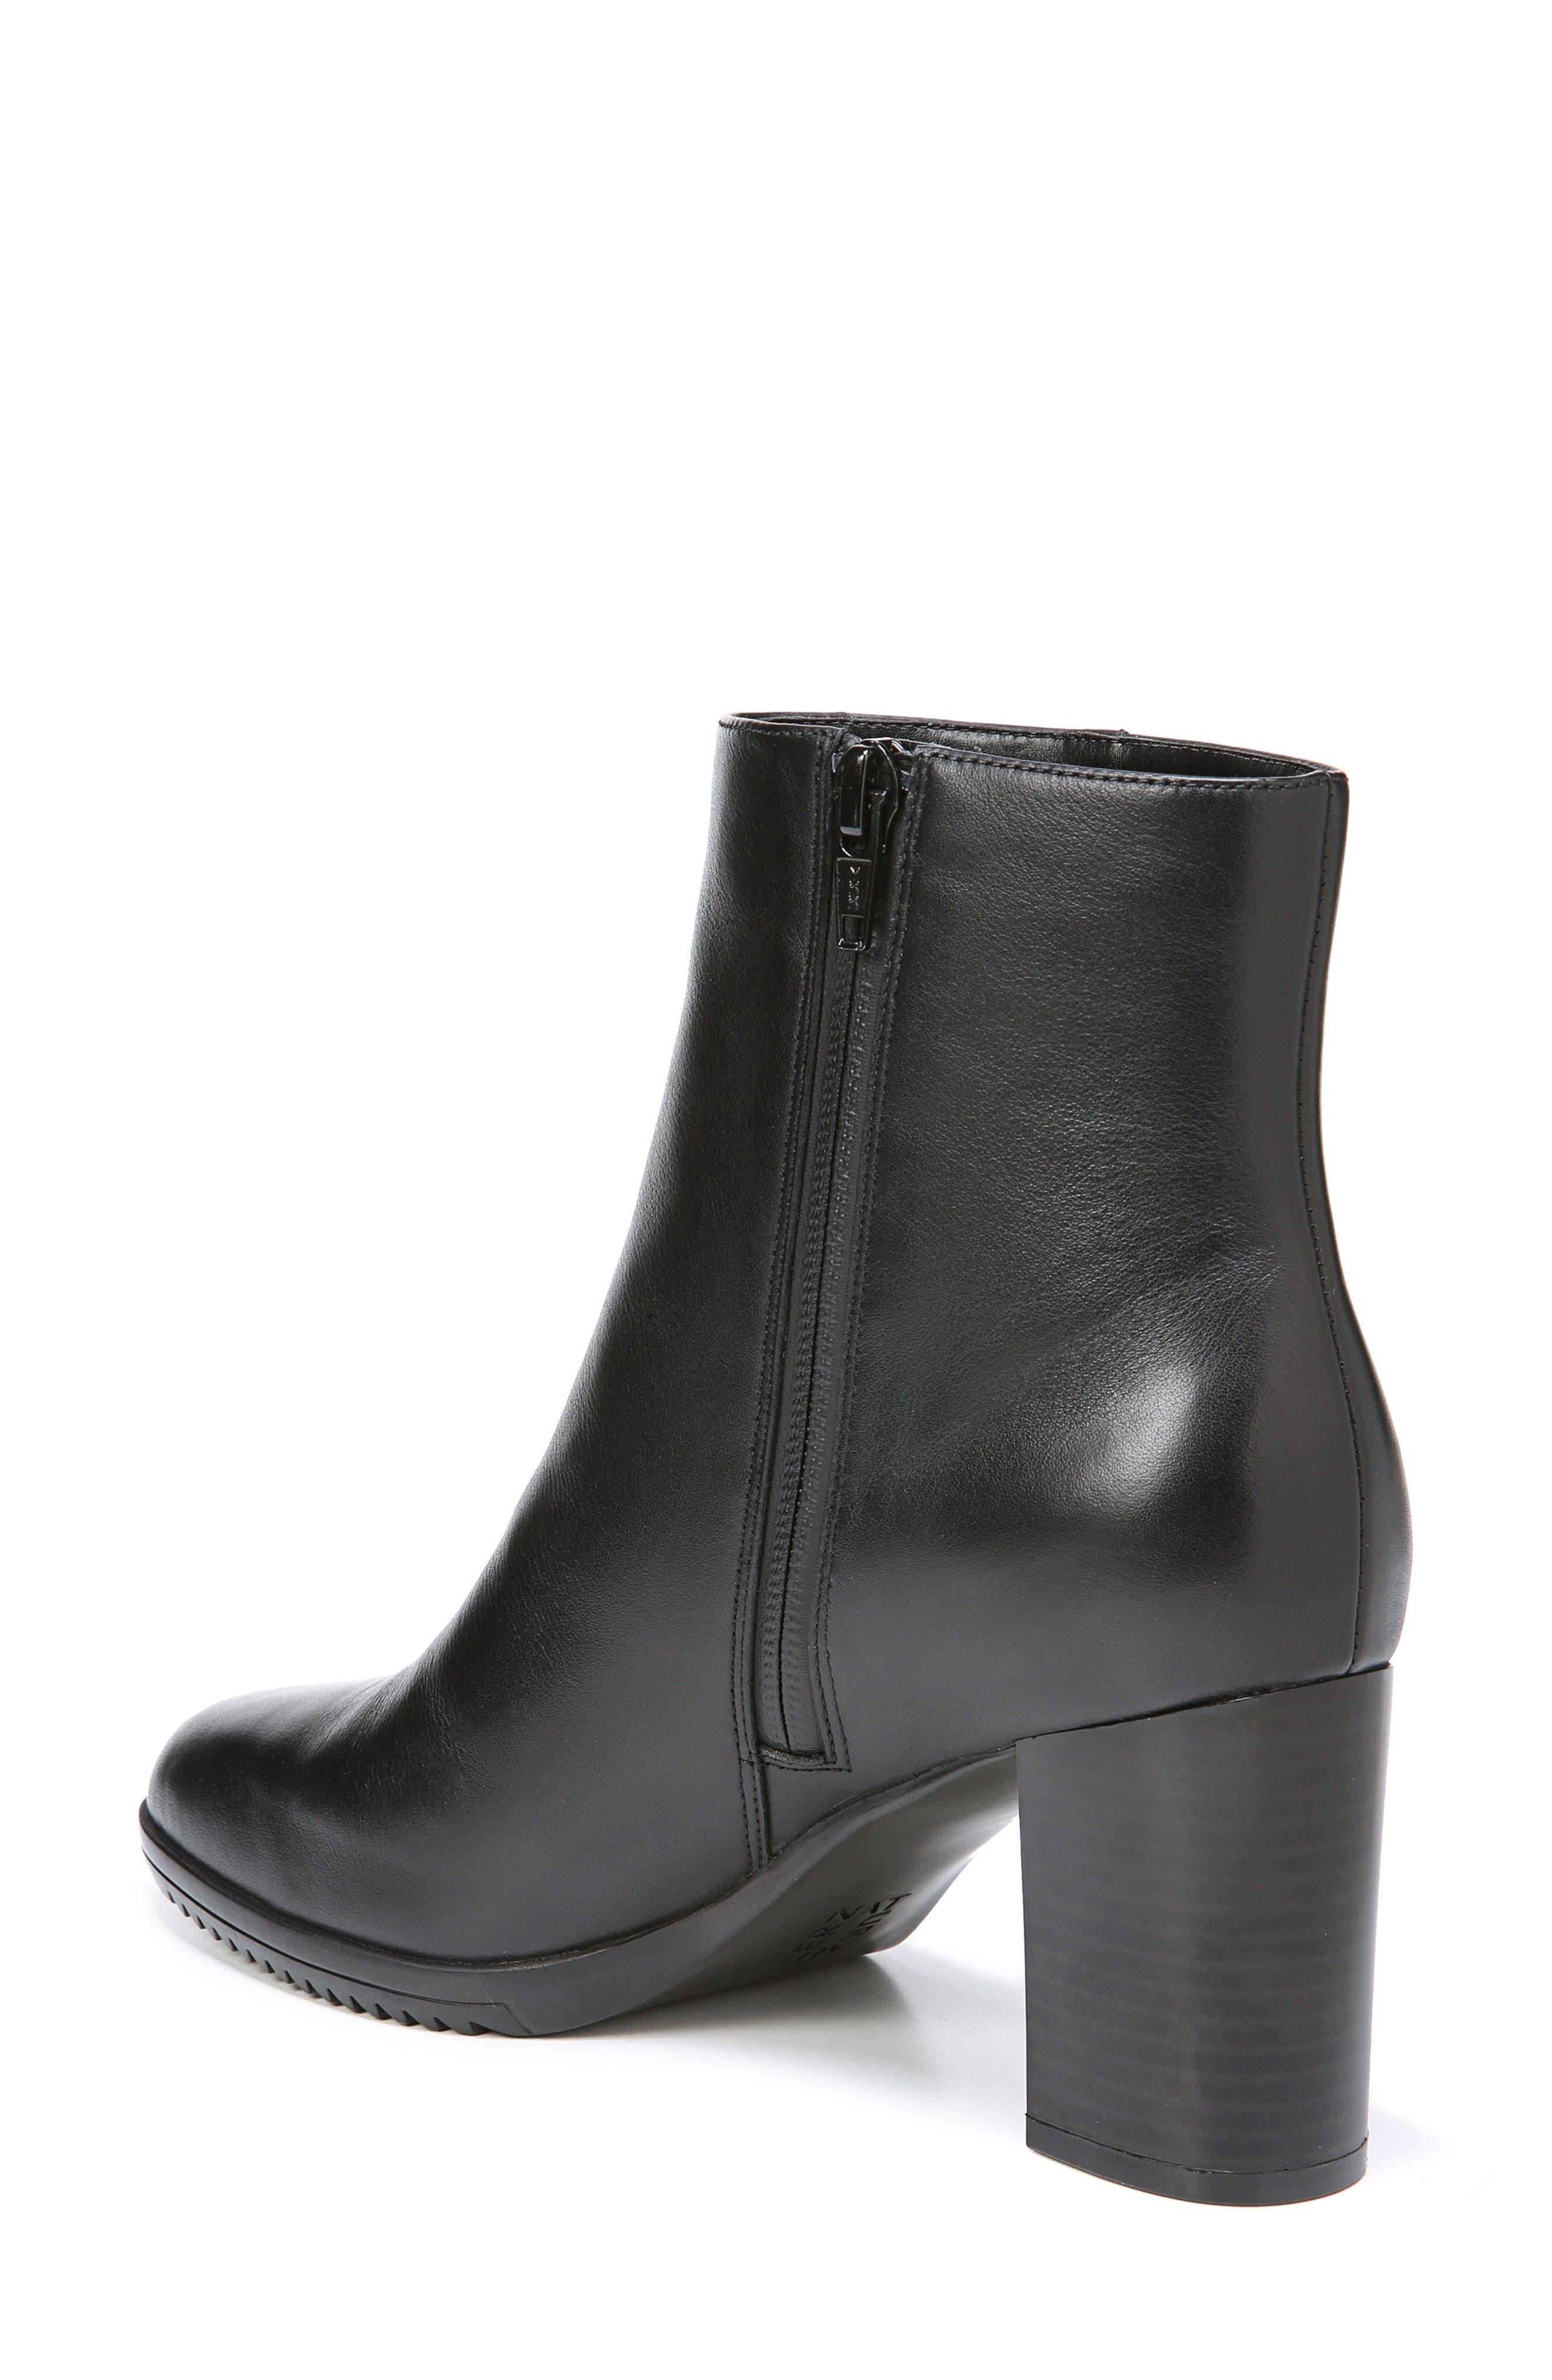 Sadie Waterproof Bootie,                             Alternate thumbnail 2, color,                             Black Leather